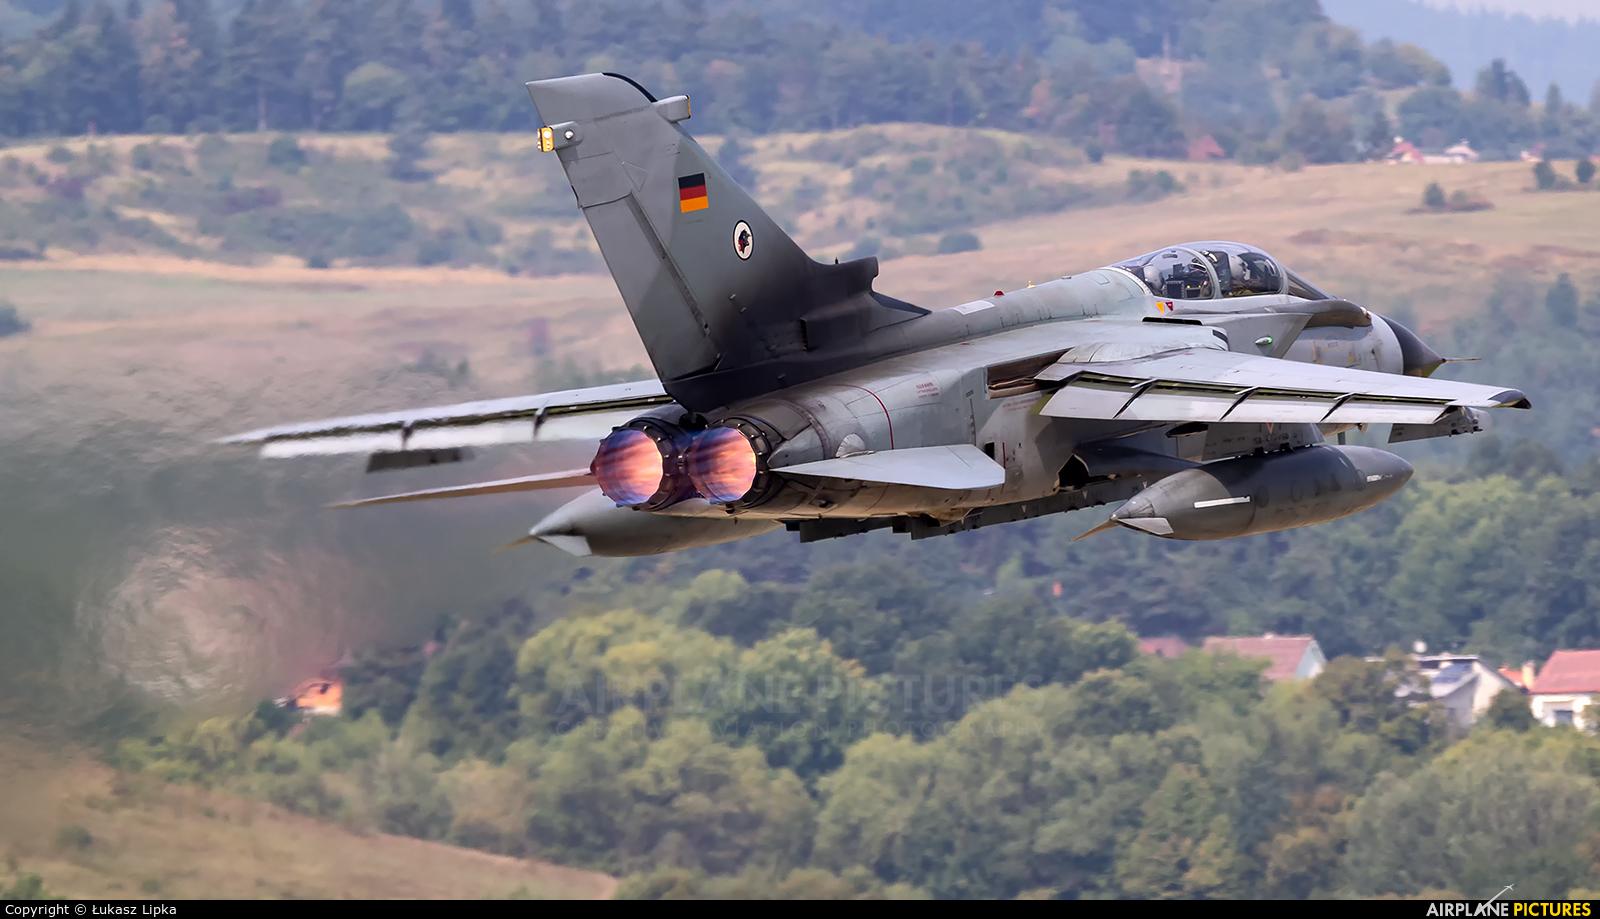 Germany - Air Force 44-65 aircraft at Sliač